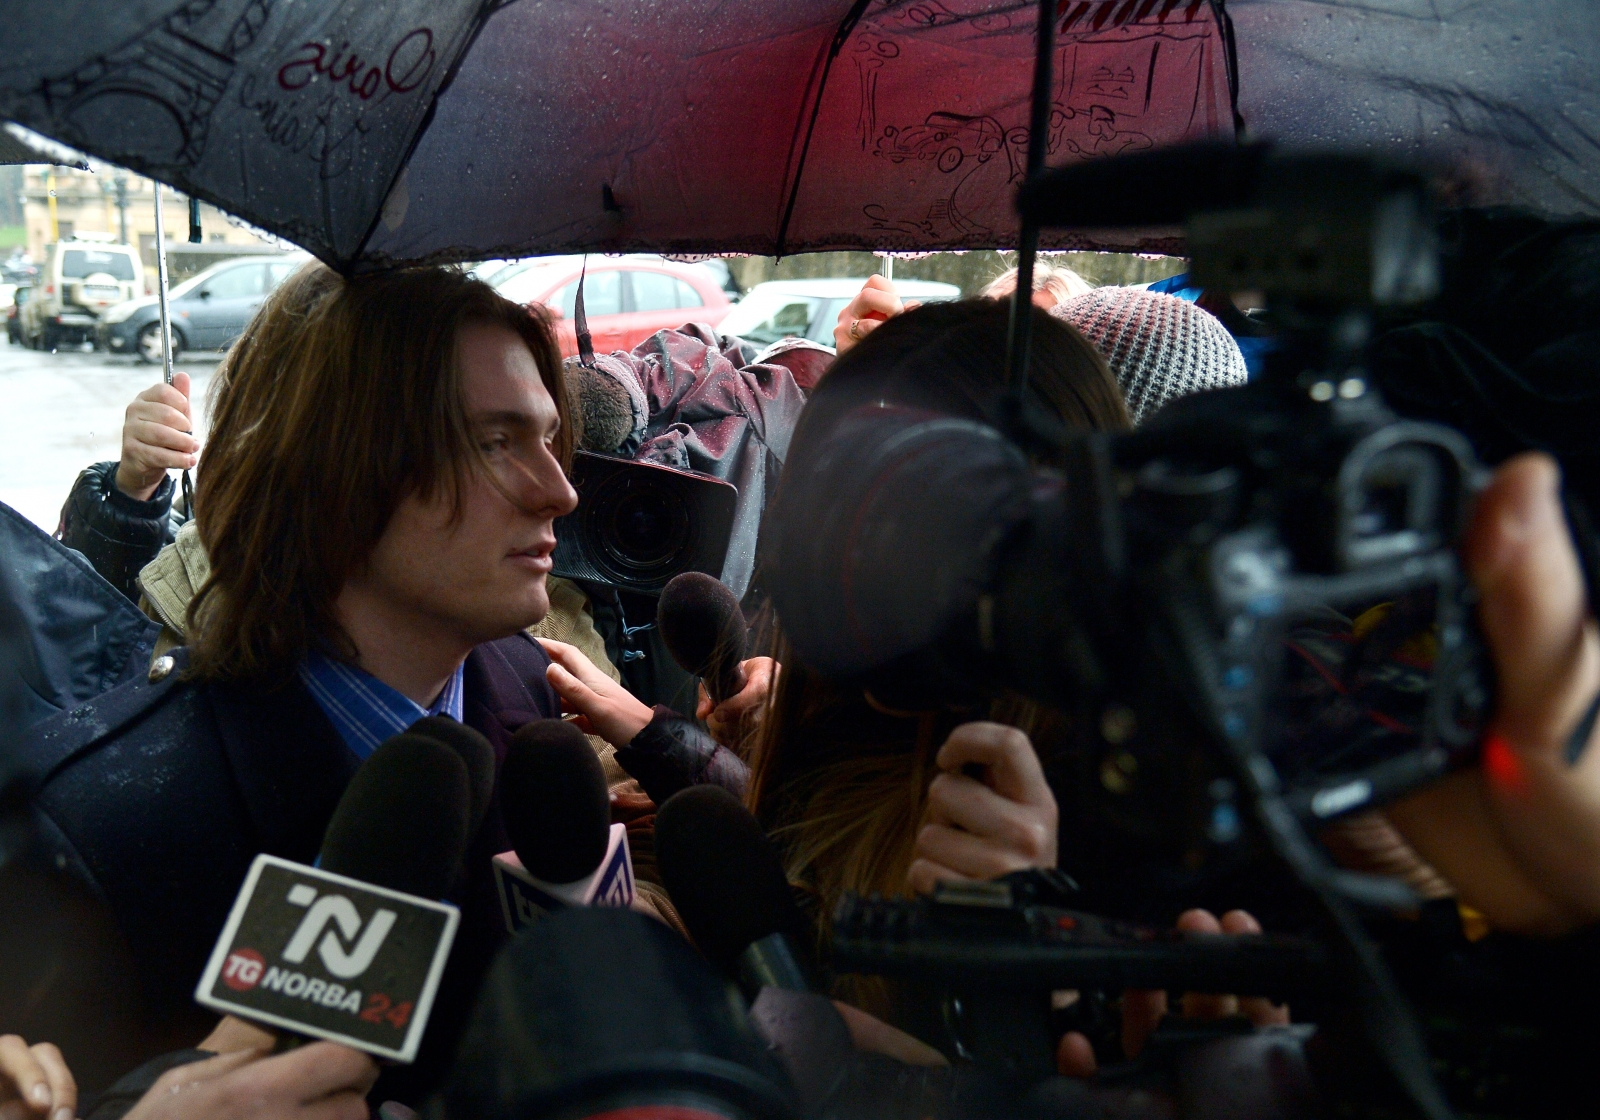 Raffaele Sollecito Amanda Knox Trial Verdict